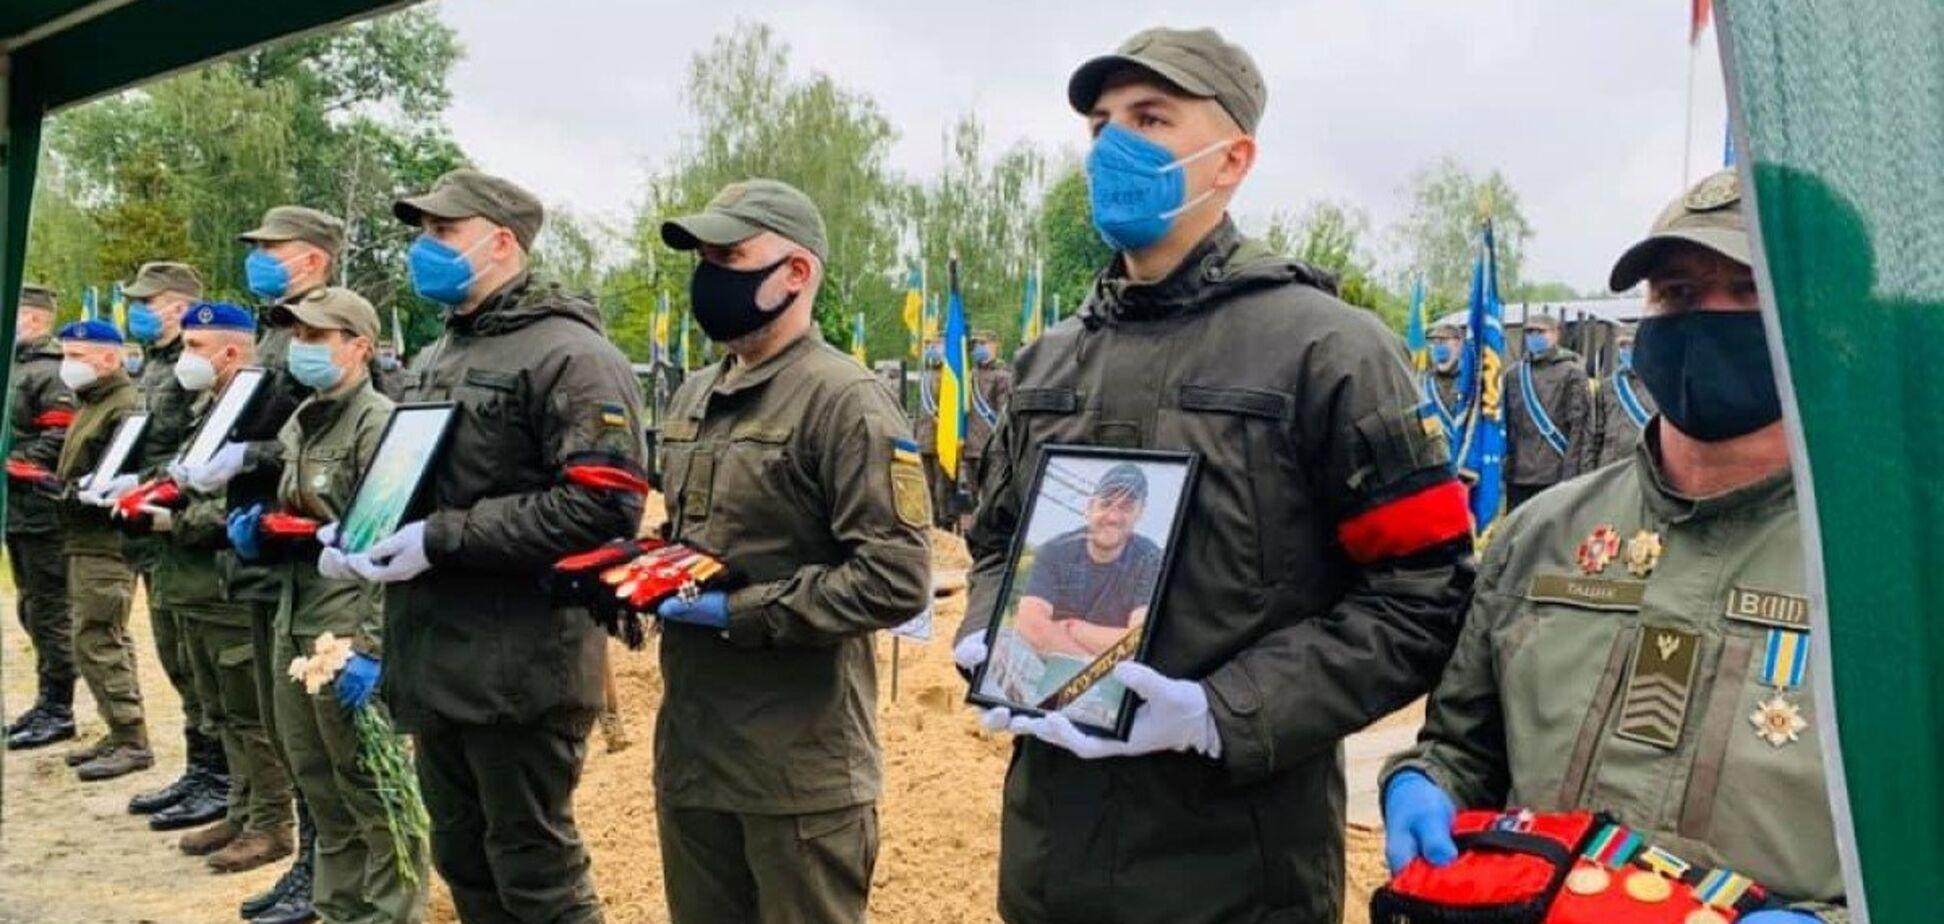 Що вбило наших хлопців на Житомирщині? Їх вбила ненависть